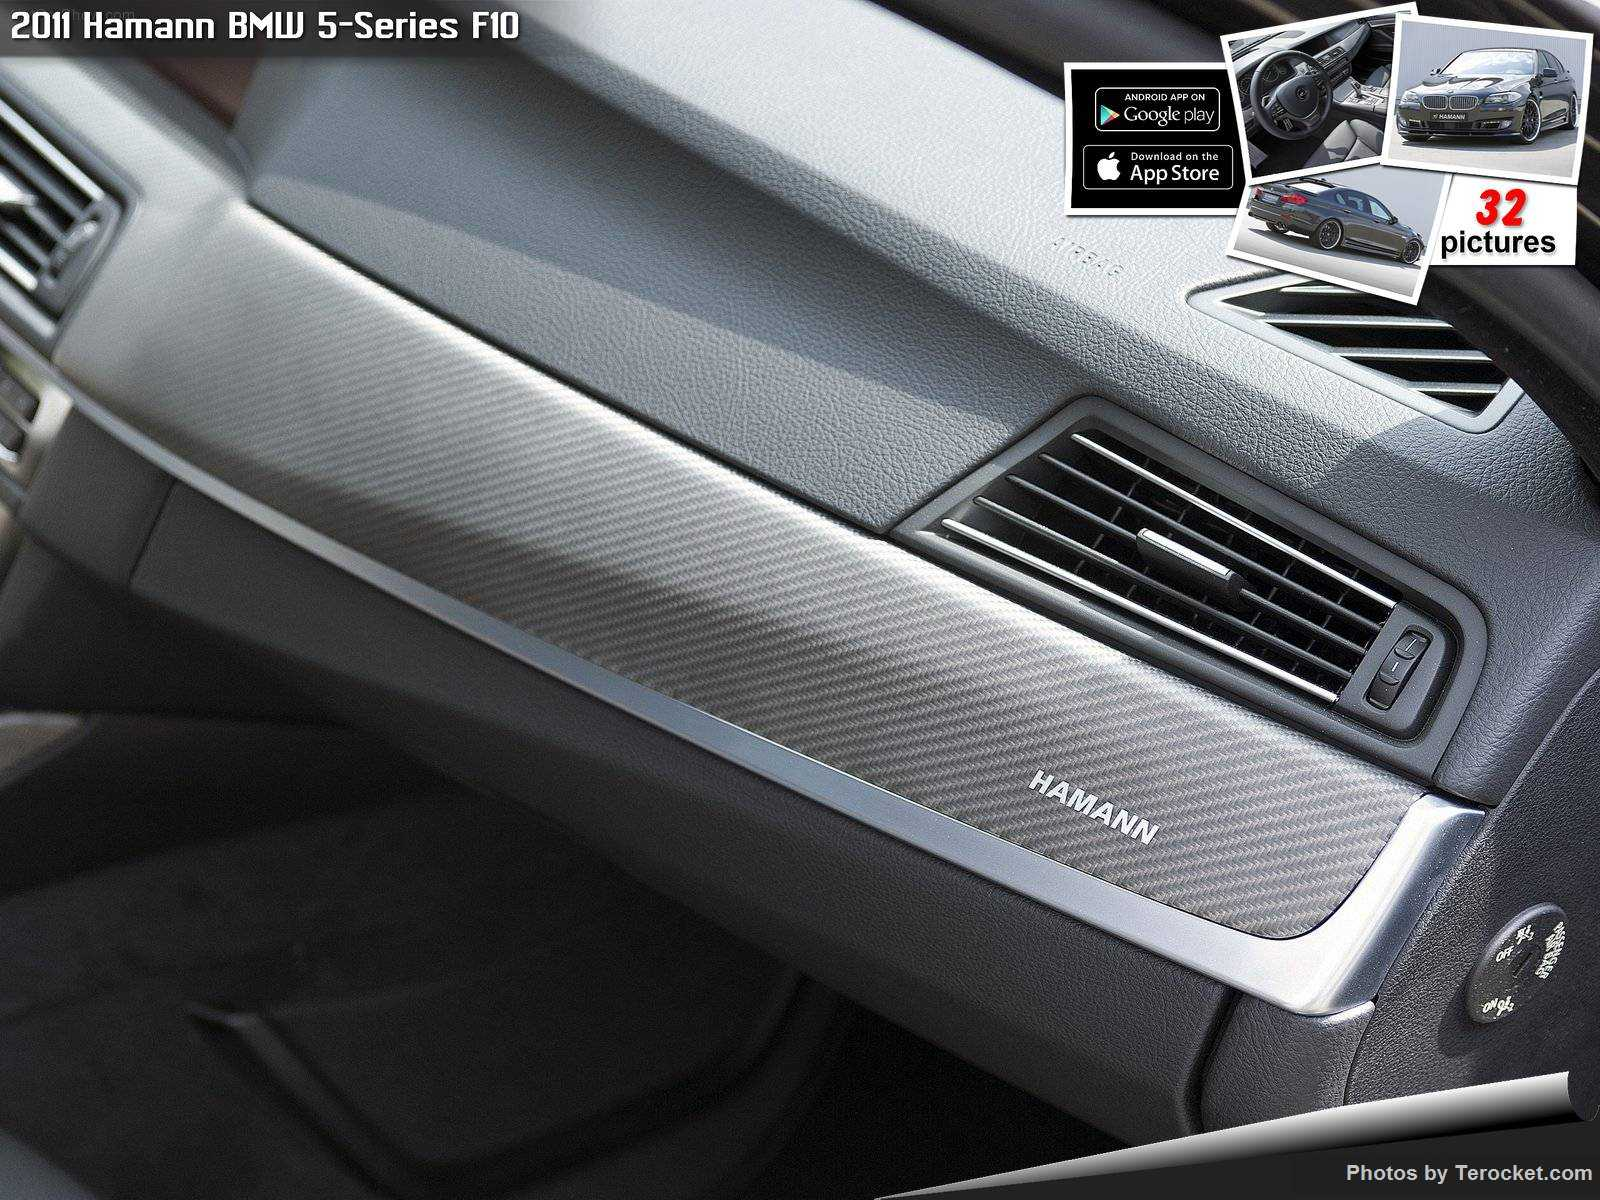 Hình ảnh xe ô tô Hamann BMW 5-Series F10 2011 & nội ngoại thất